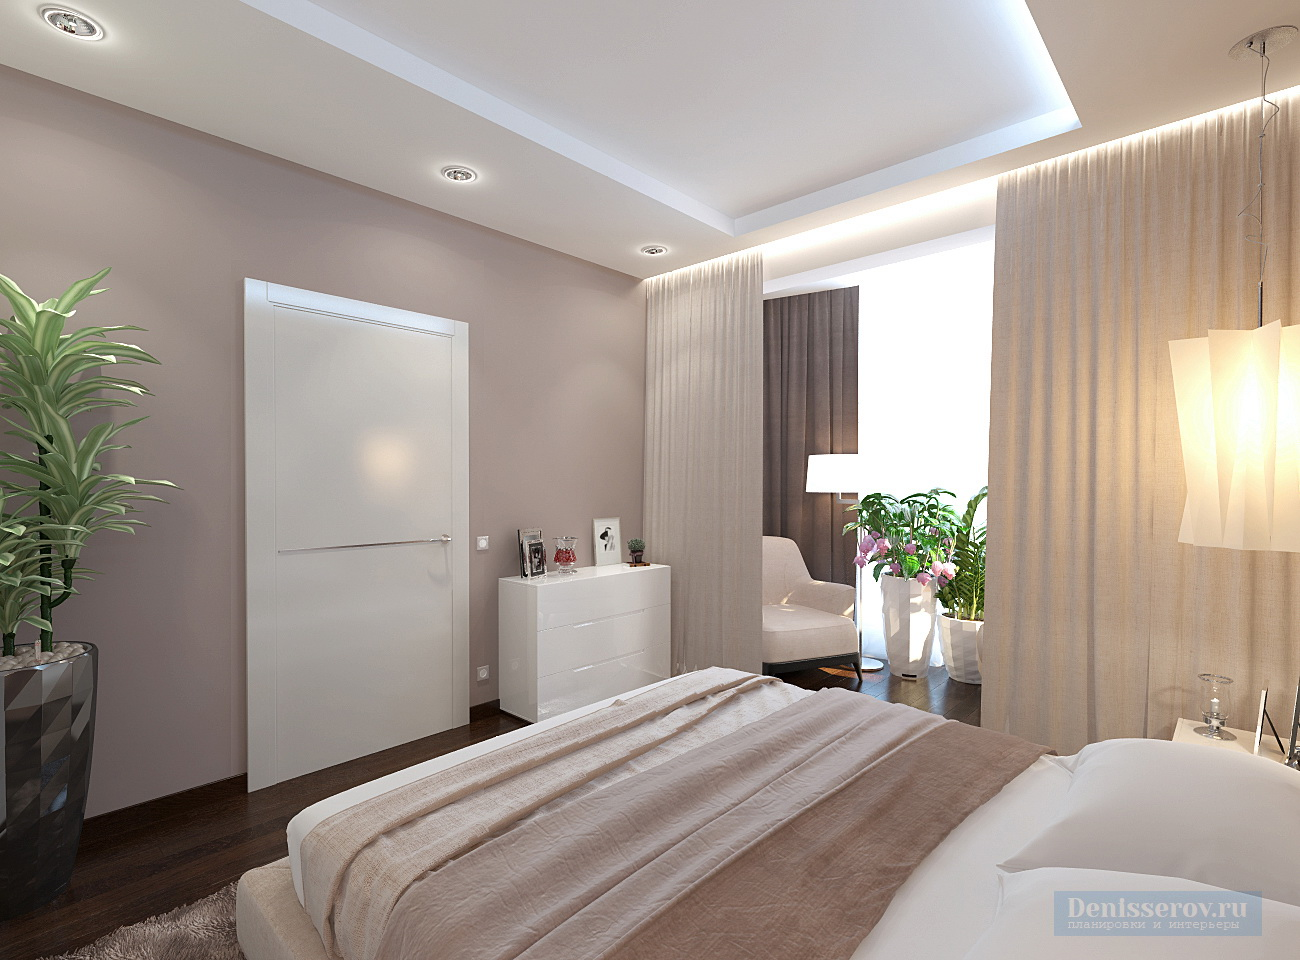 дизайн спальни 17 кв.м. в стиле минимализм